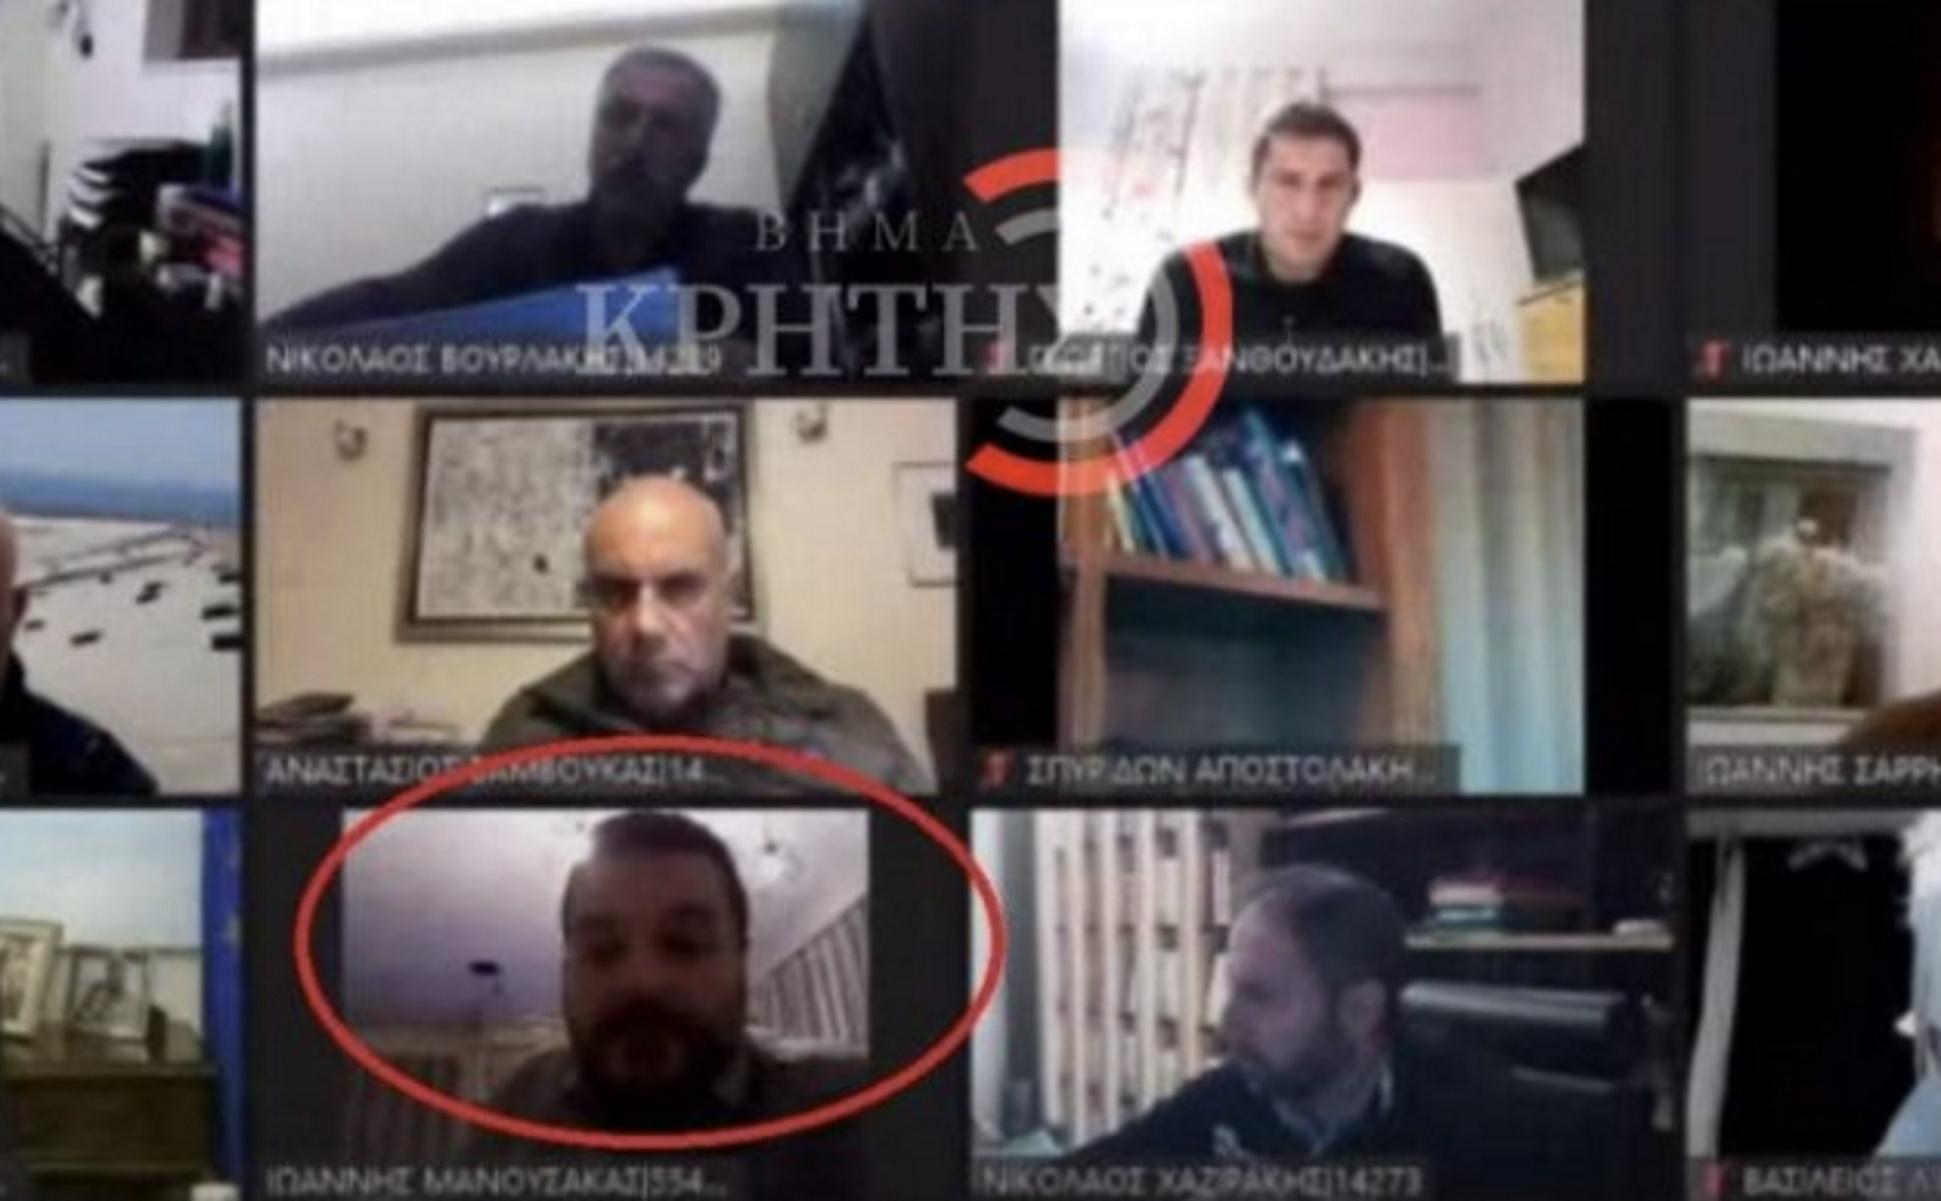 Χανιά: Δημοτικό Συμβούλιο με απρόοπτα – Μπήκε στην τηλεδιάσκεψη και έγινε το… έλα να δεις (video)